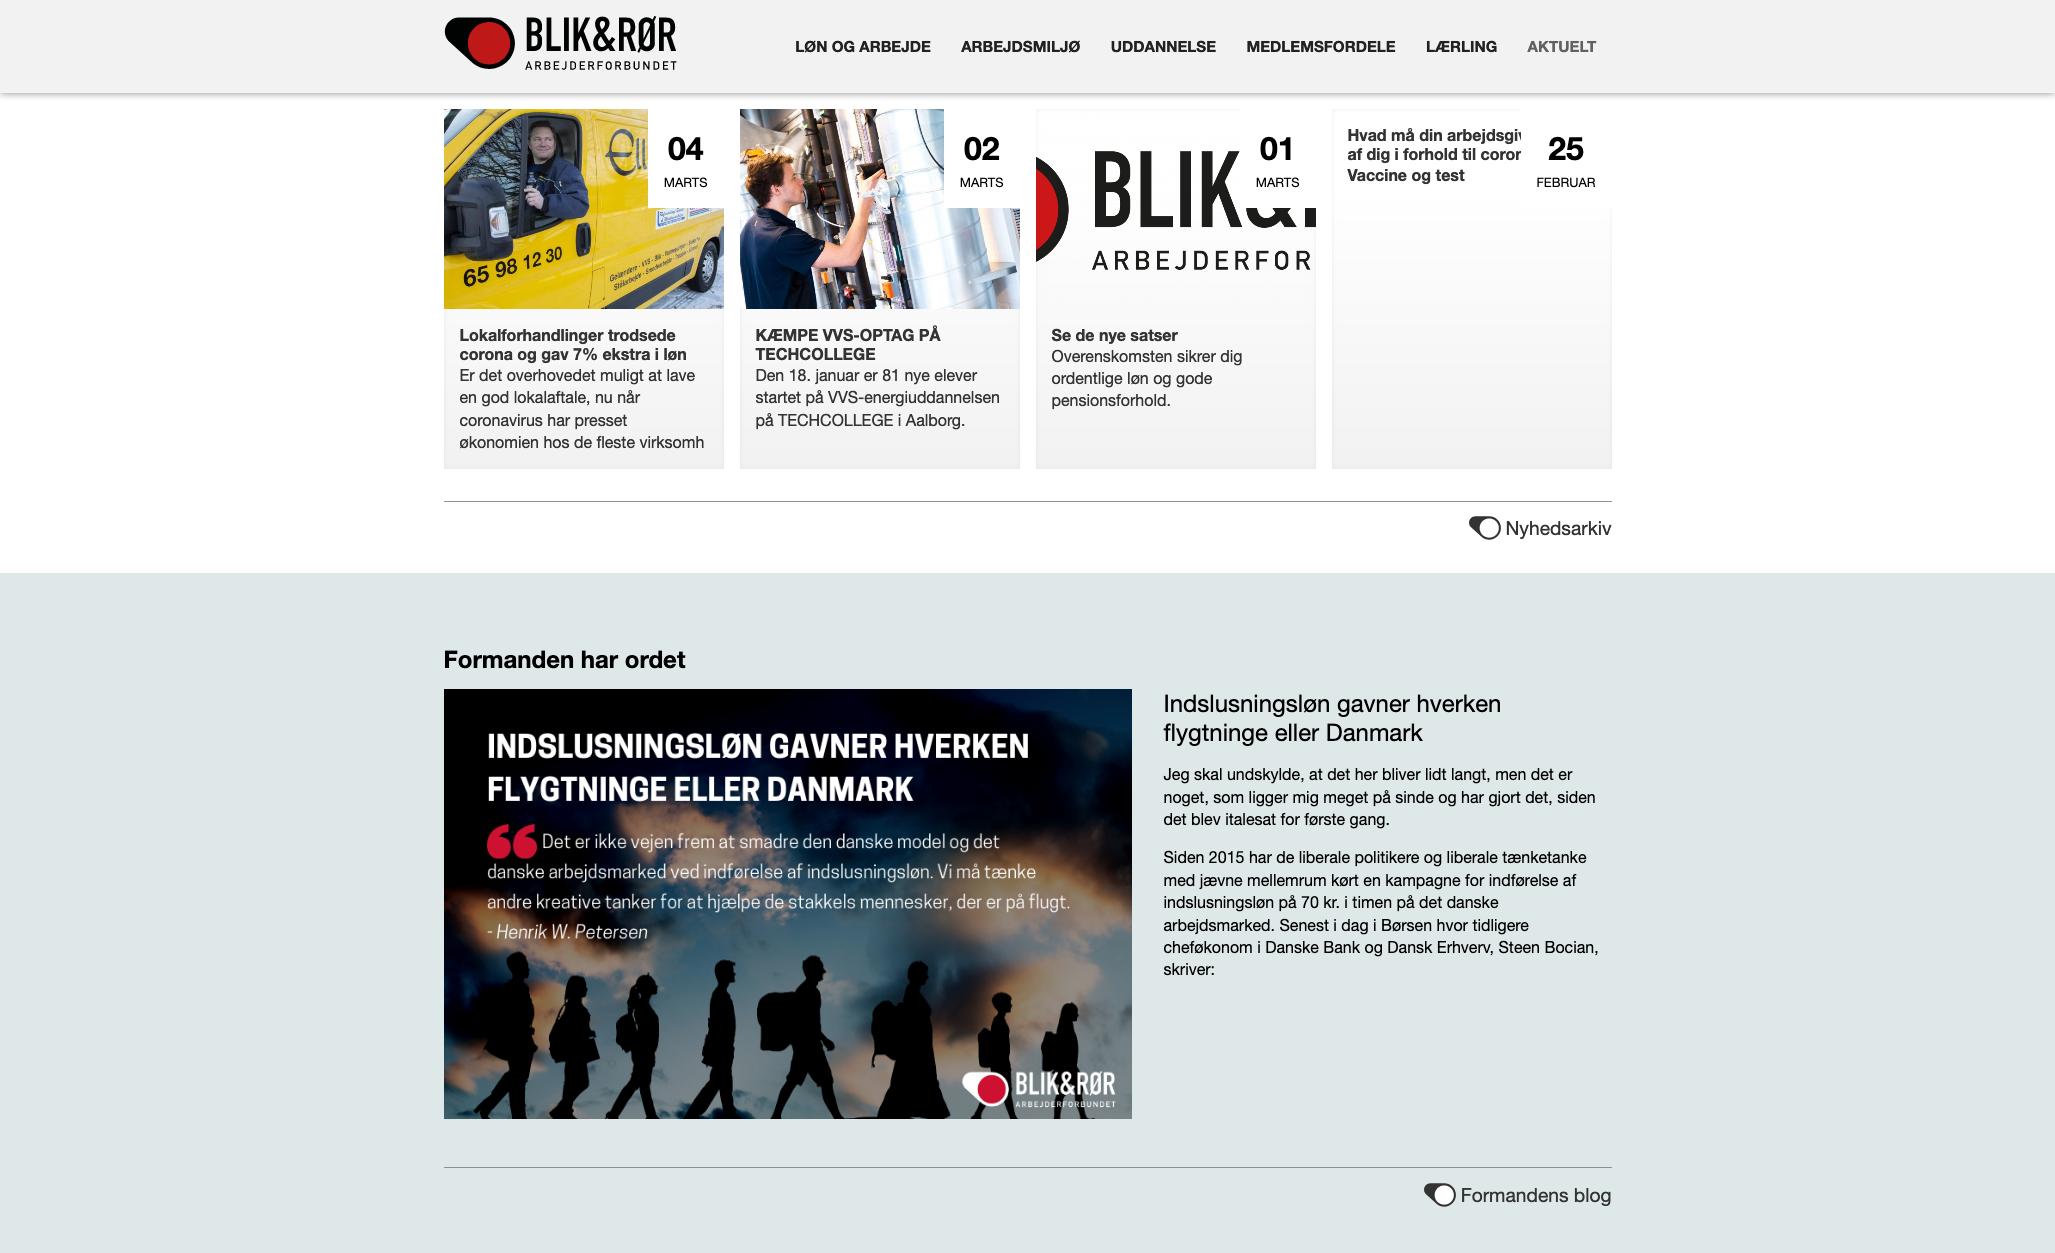 Skriv nyheder og andre events på hjemmesiden